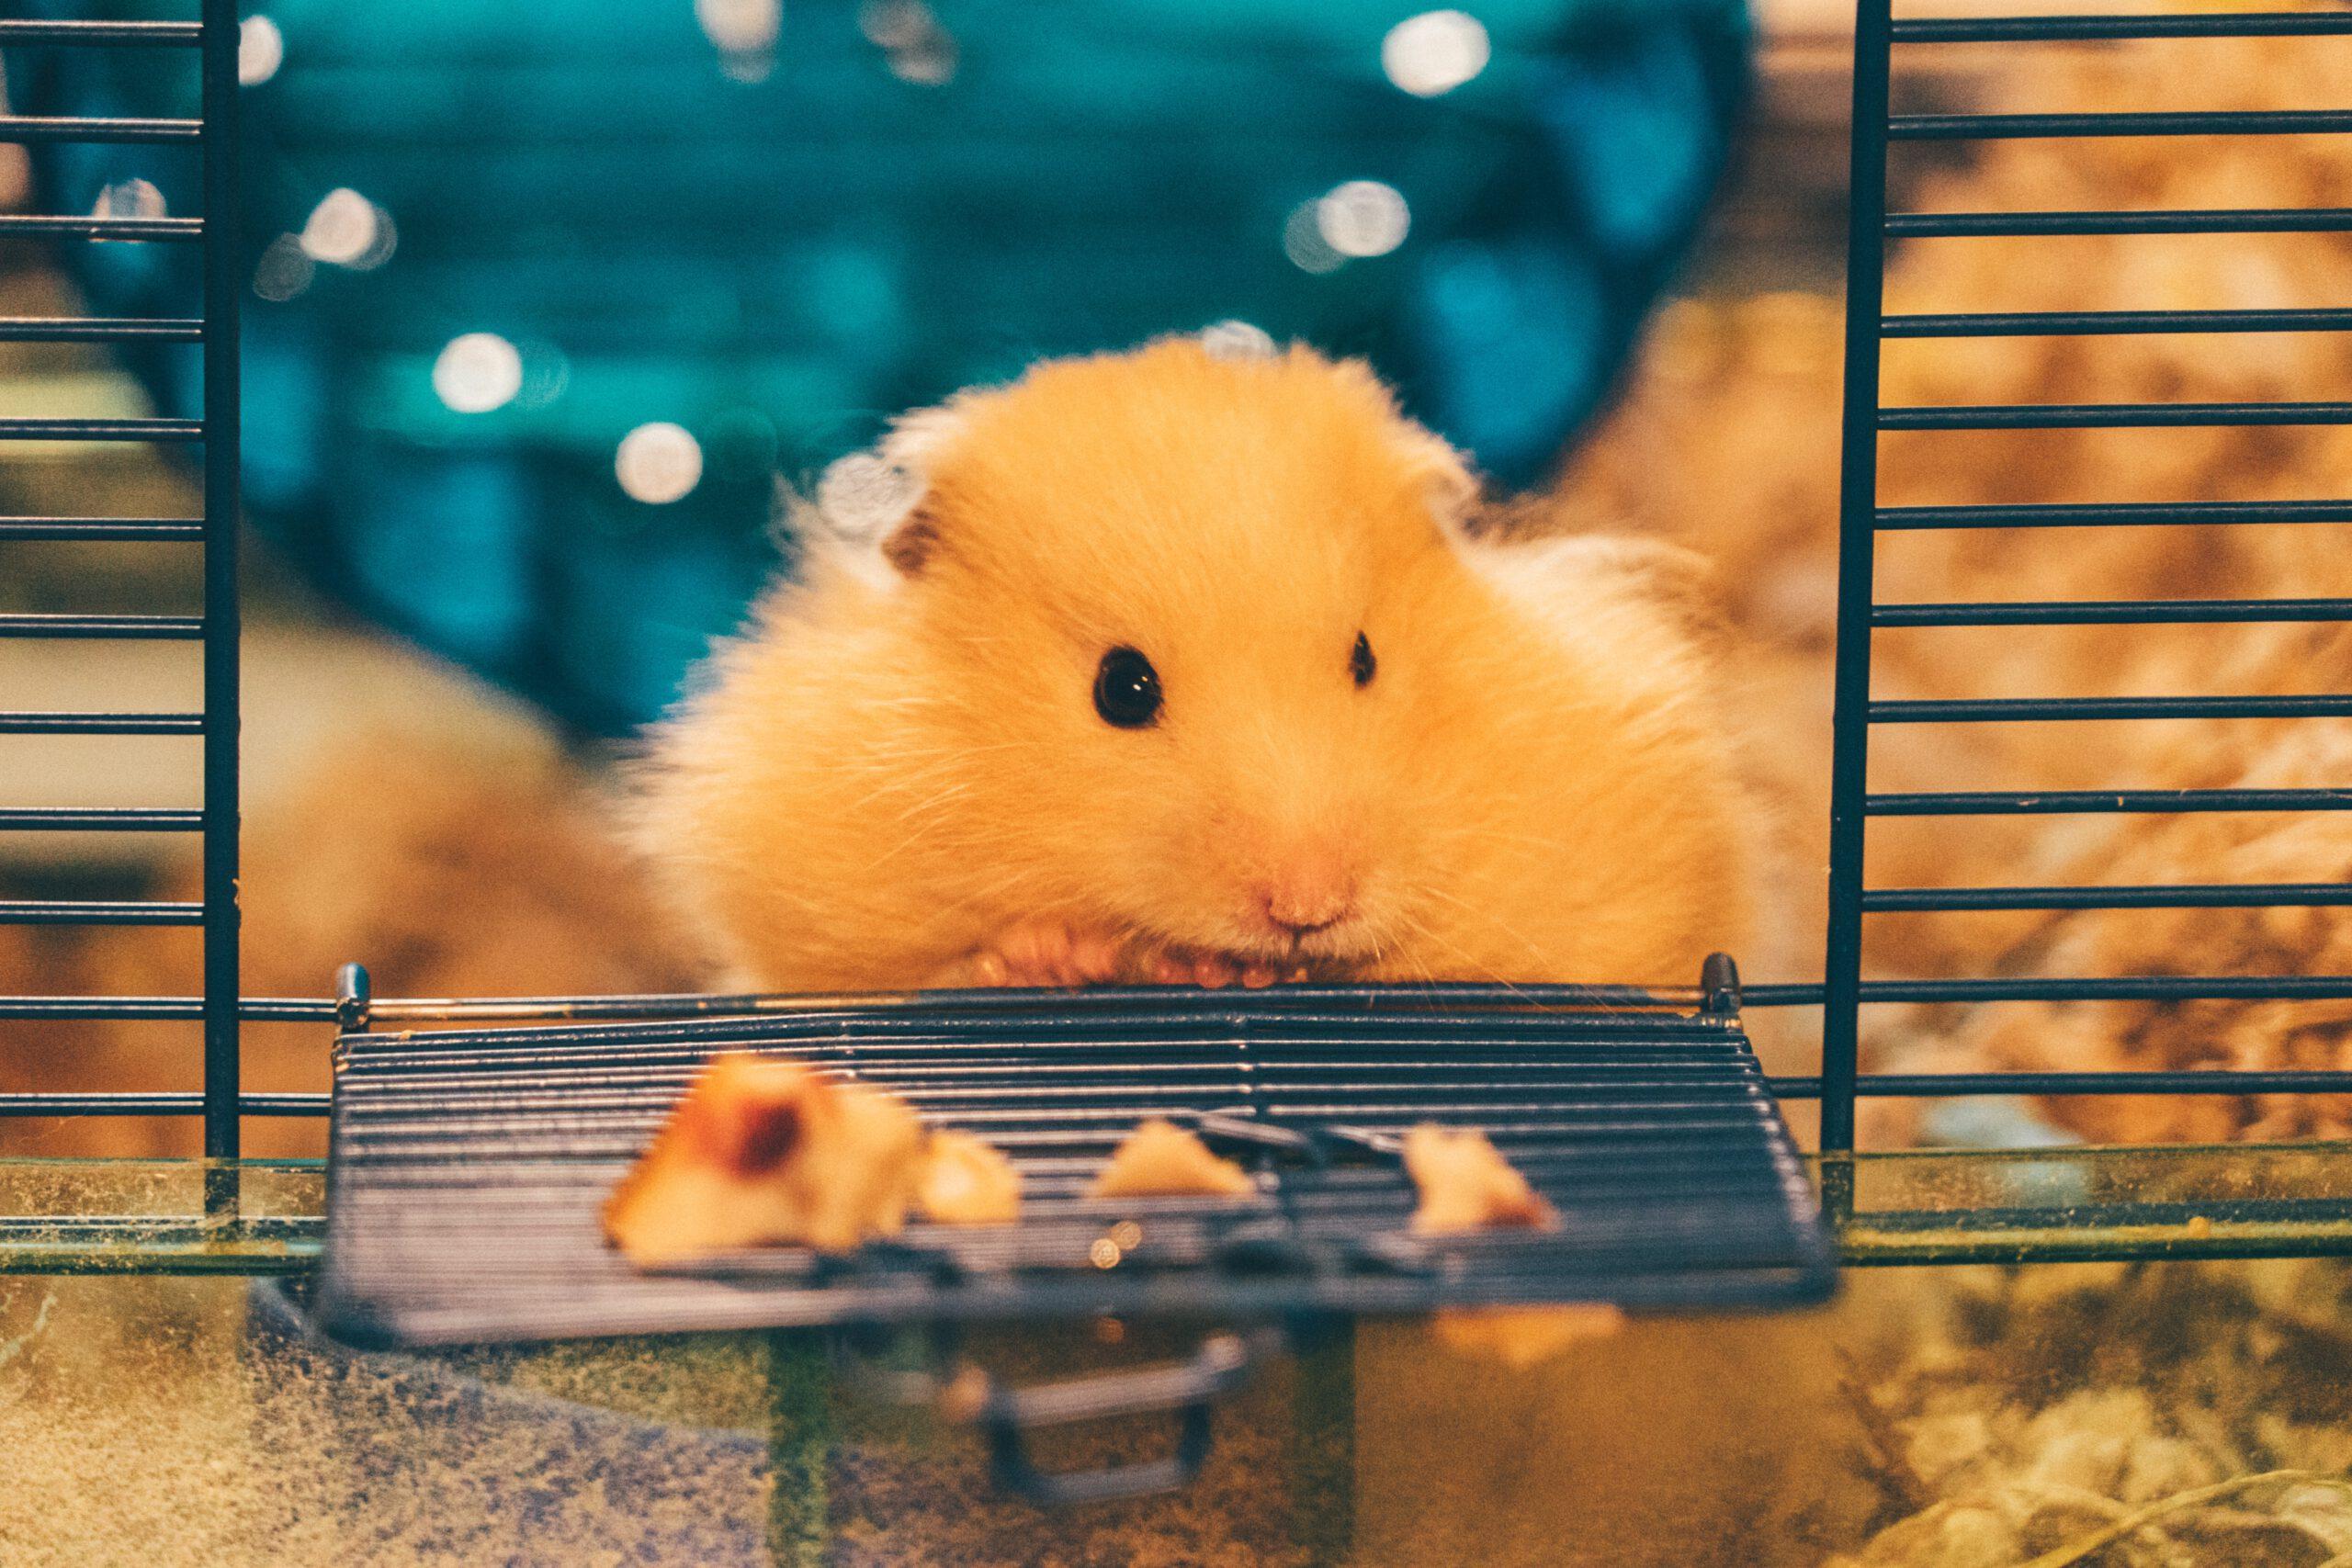 Klatka dla szczura - o tych rzeczach musisz pamiętać